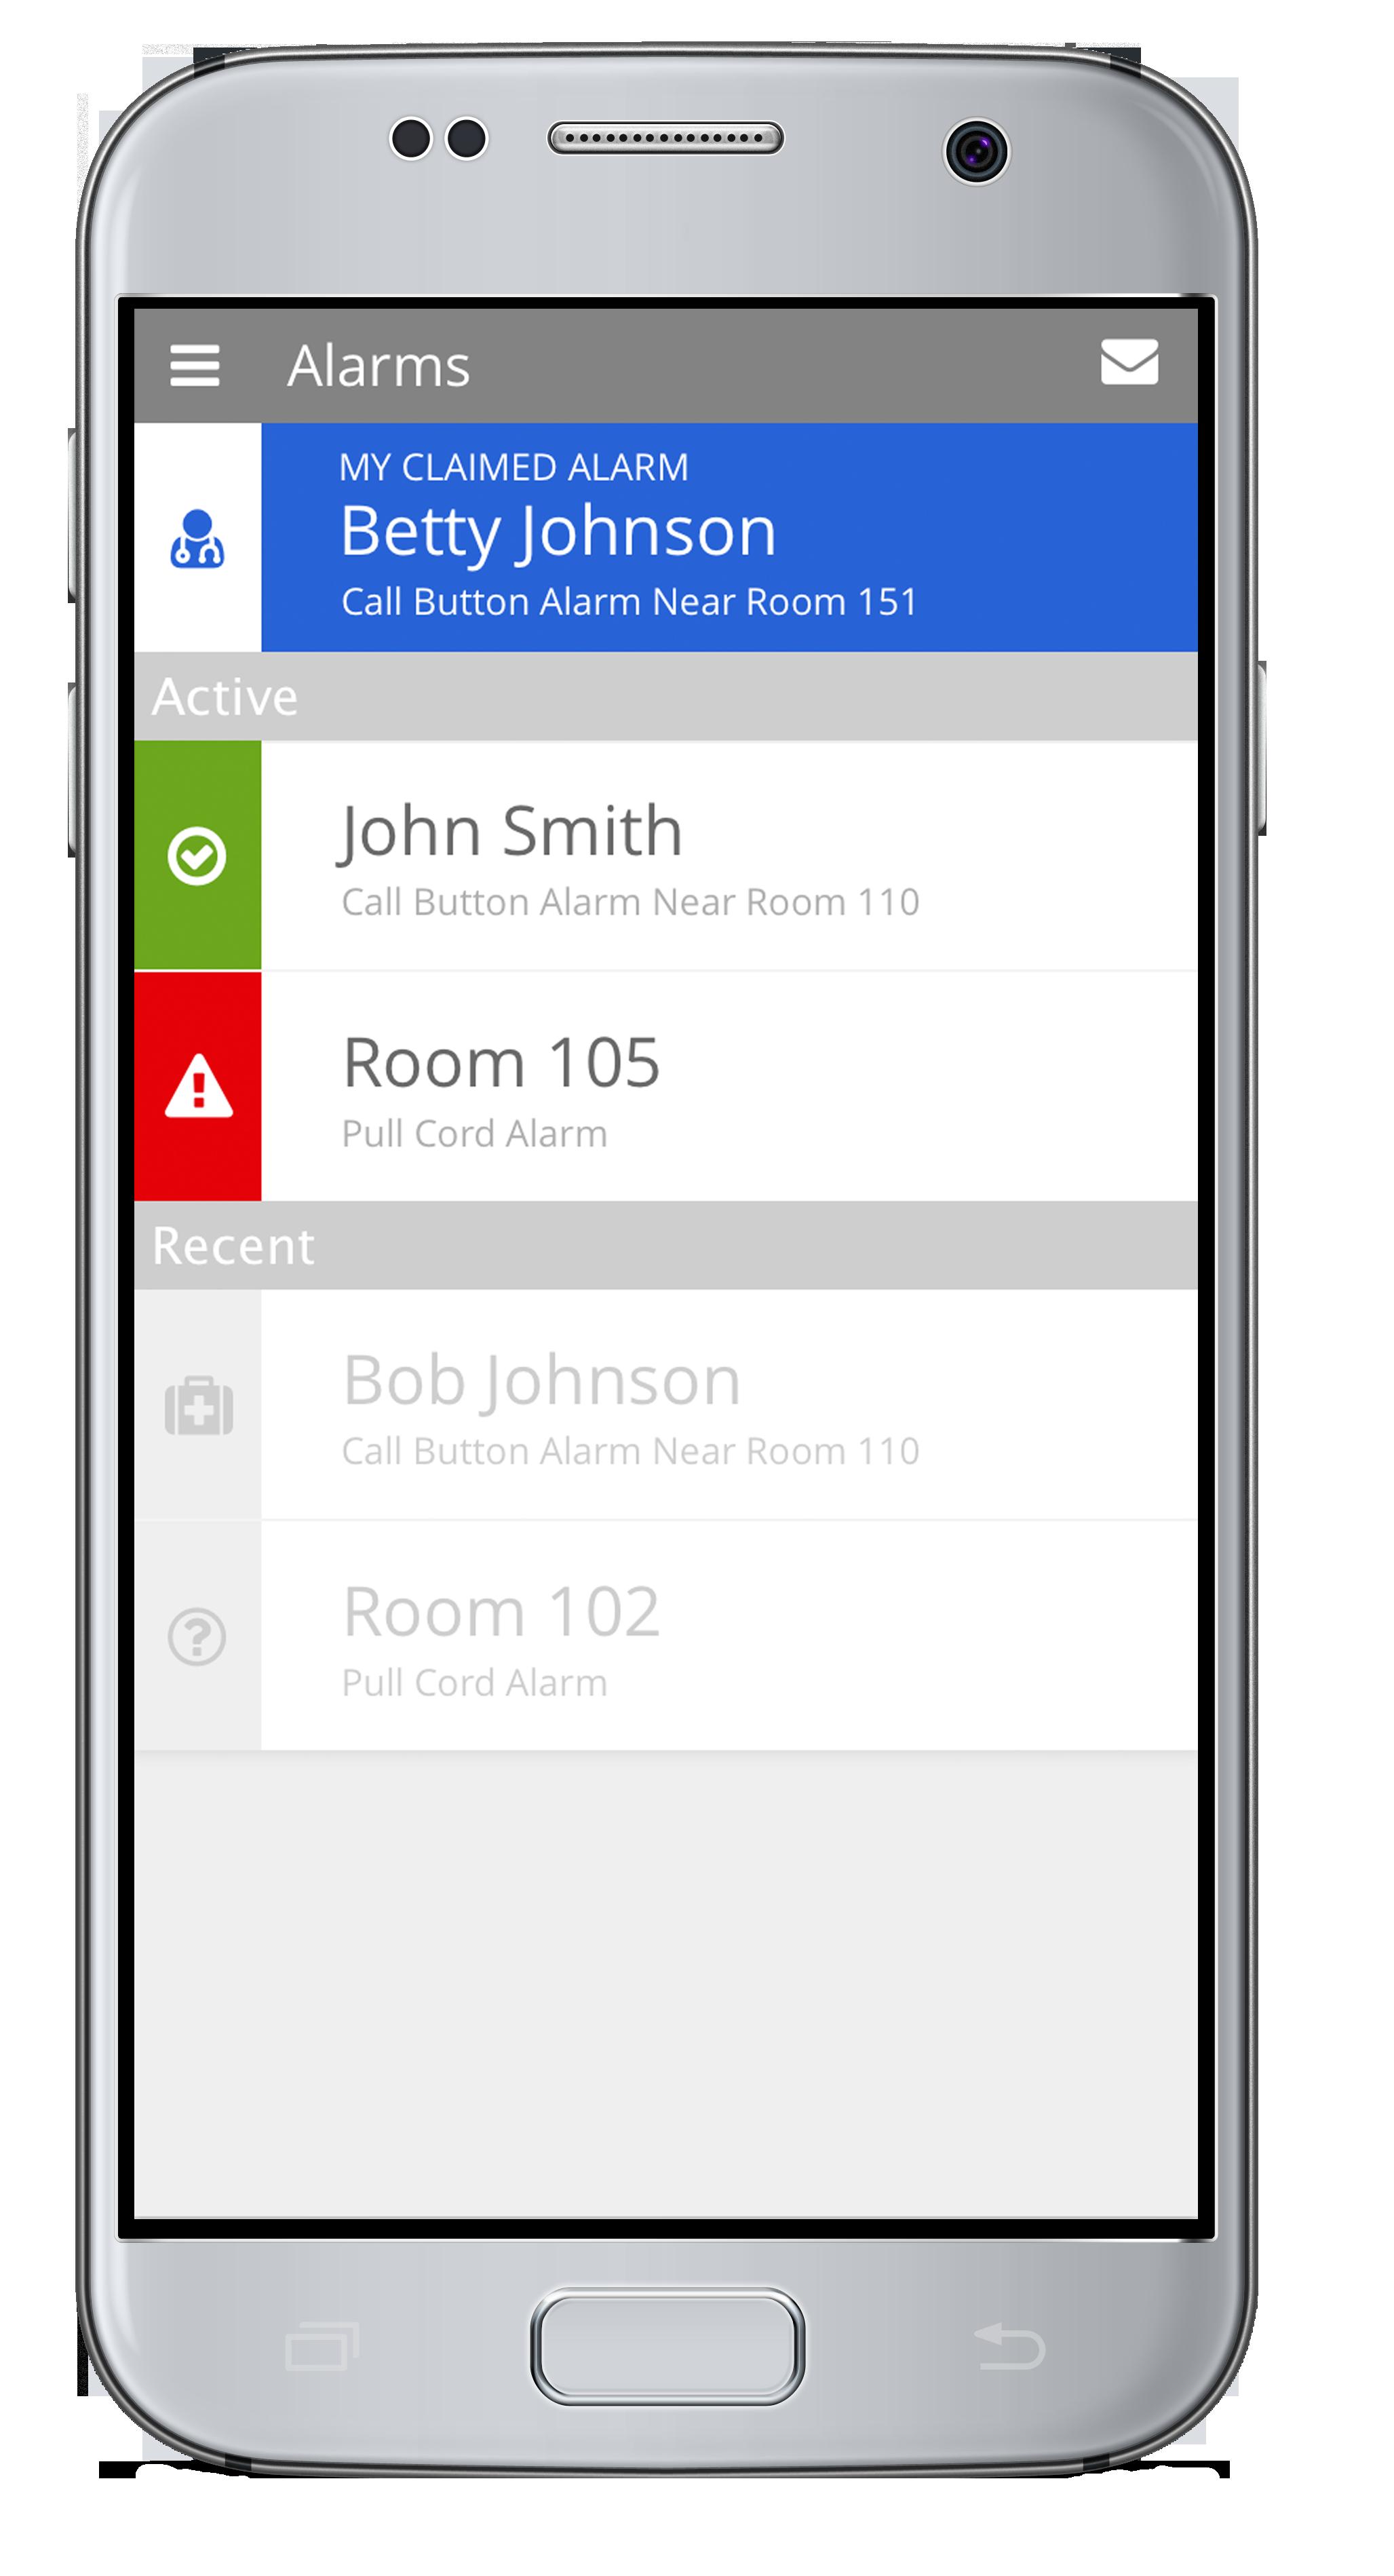 Mobile Smartphone Nurse Call Alert App